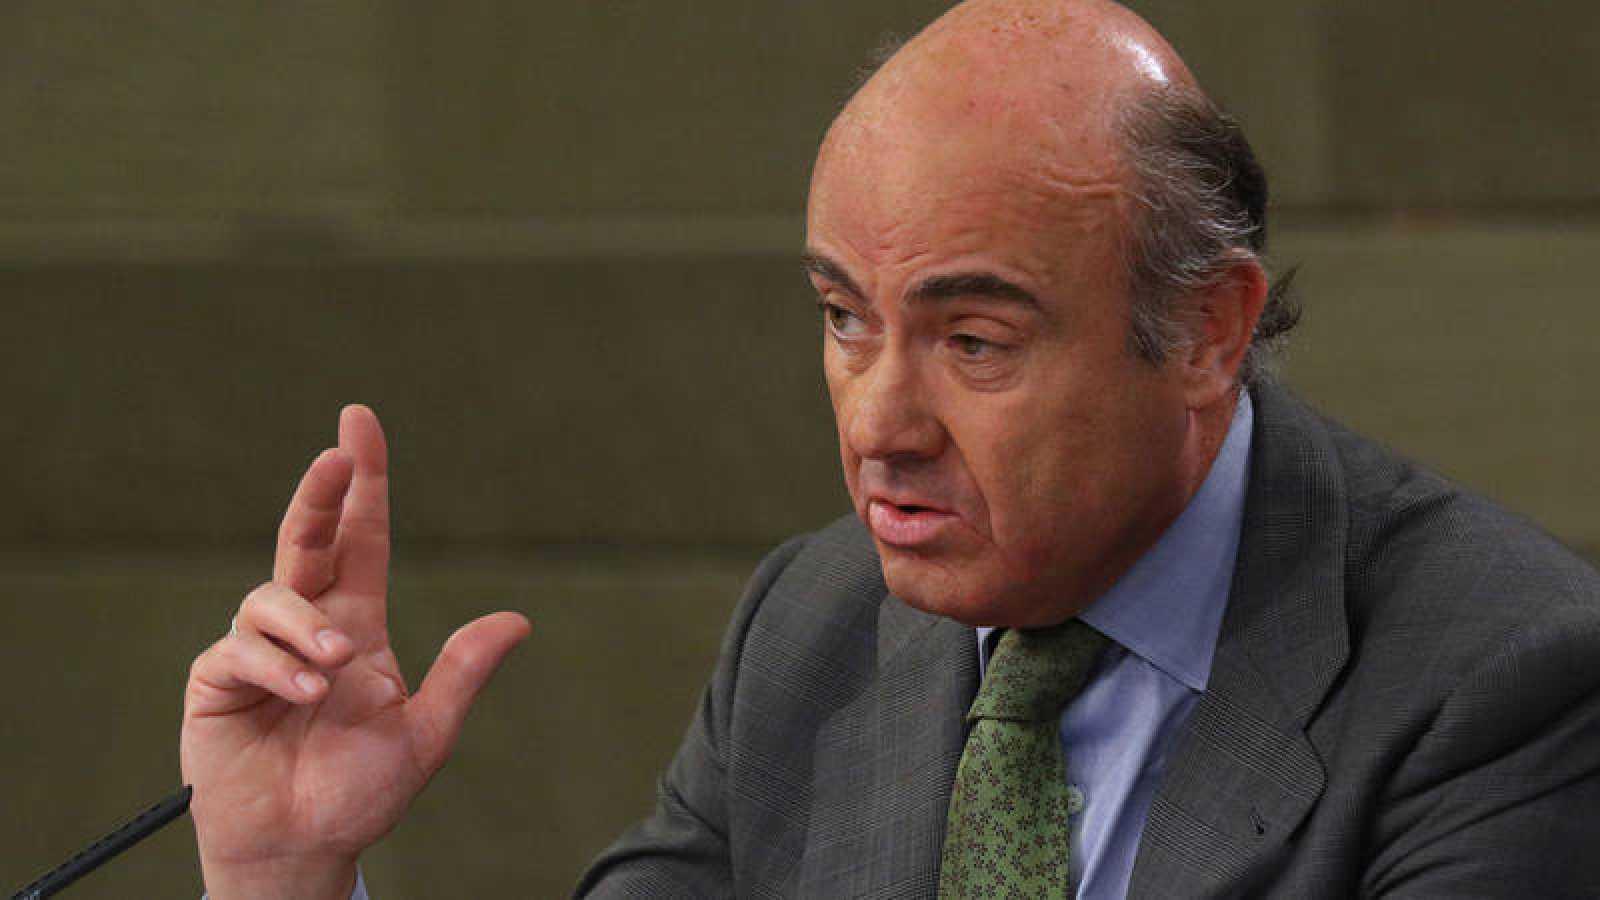 El ministro de Economía, Luis de Guindos, en la rueda de prensa tras el Consejo de Ministros